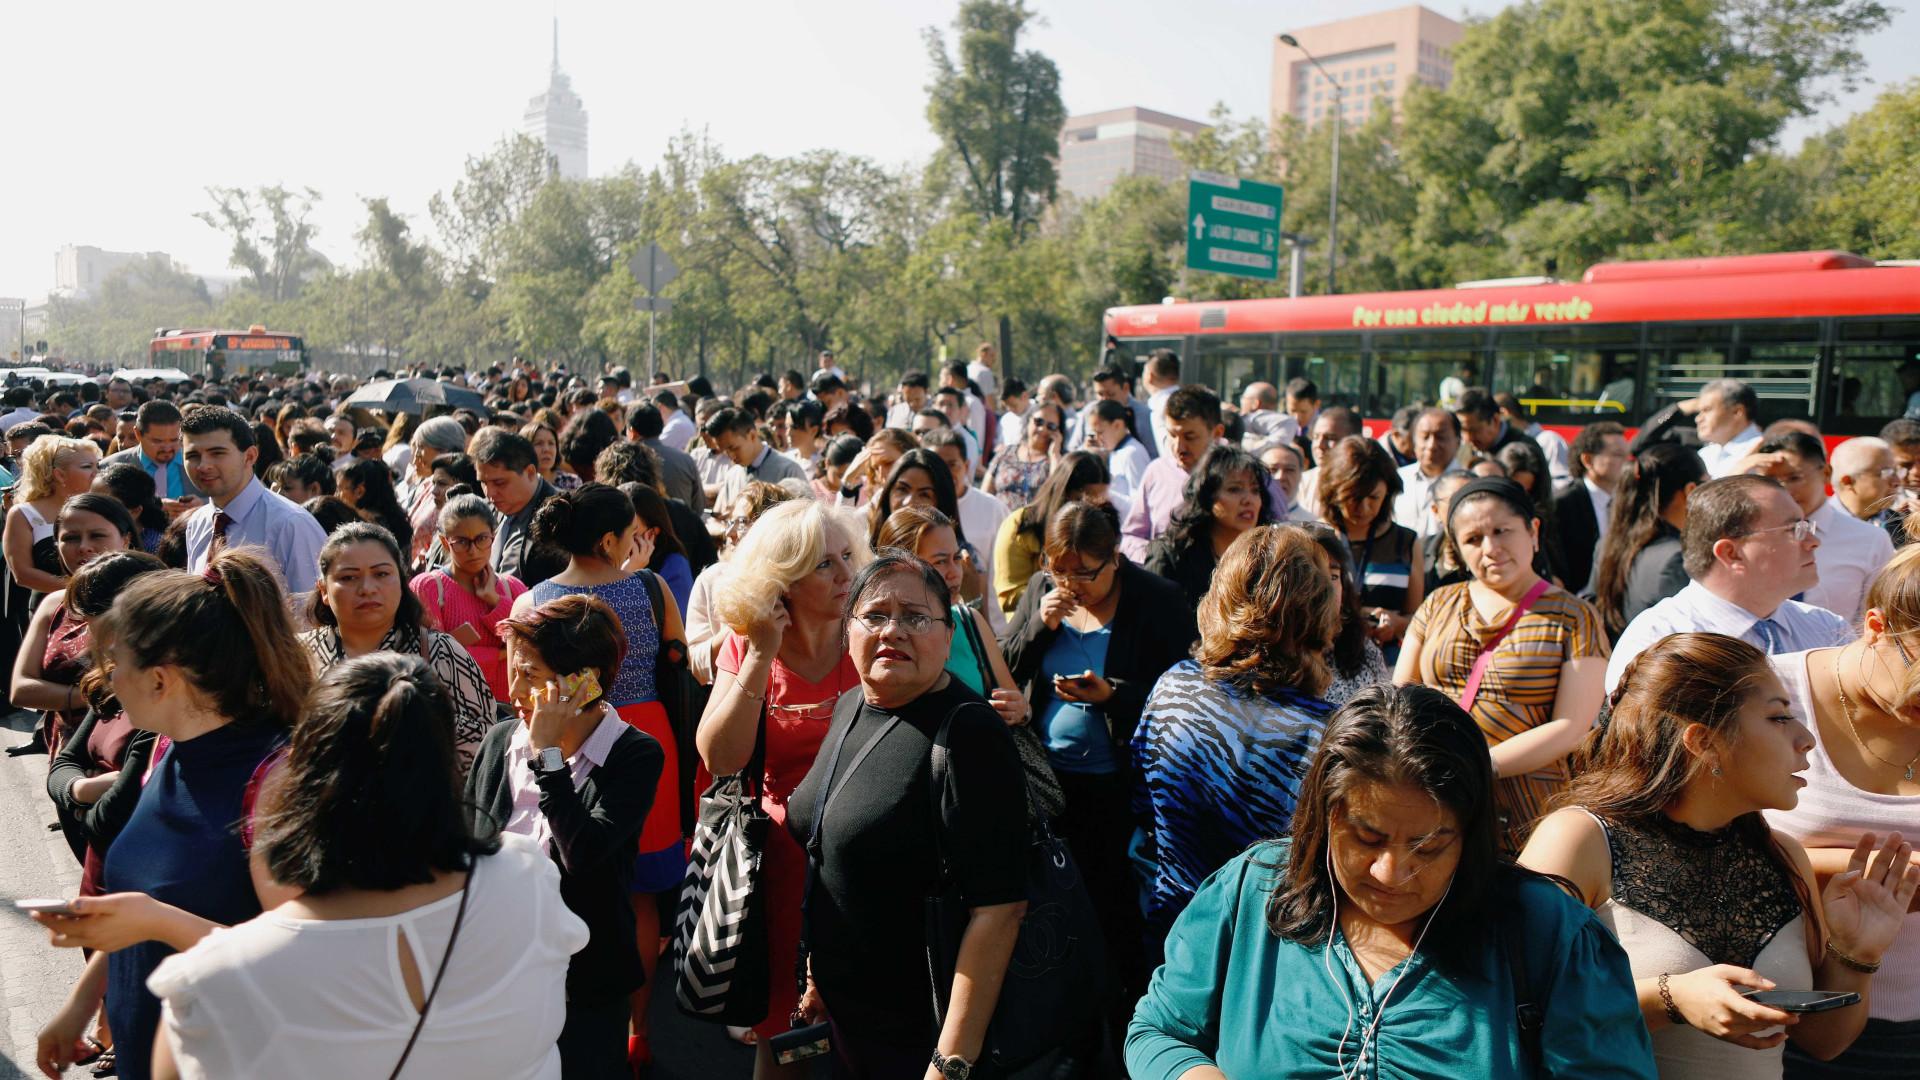 Terremoto de magnitude 5,3 causa pânico no México